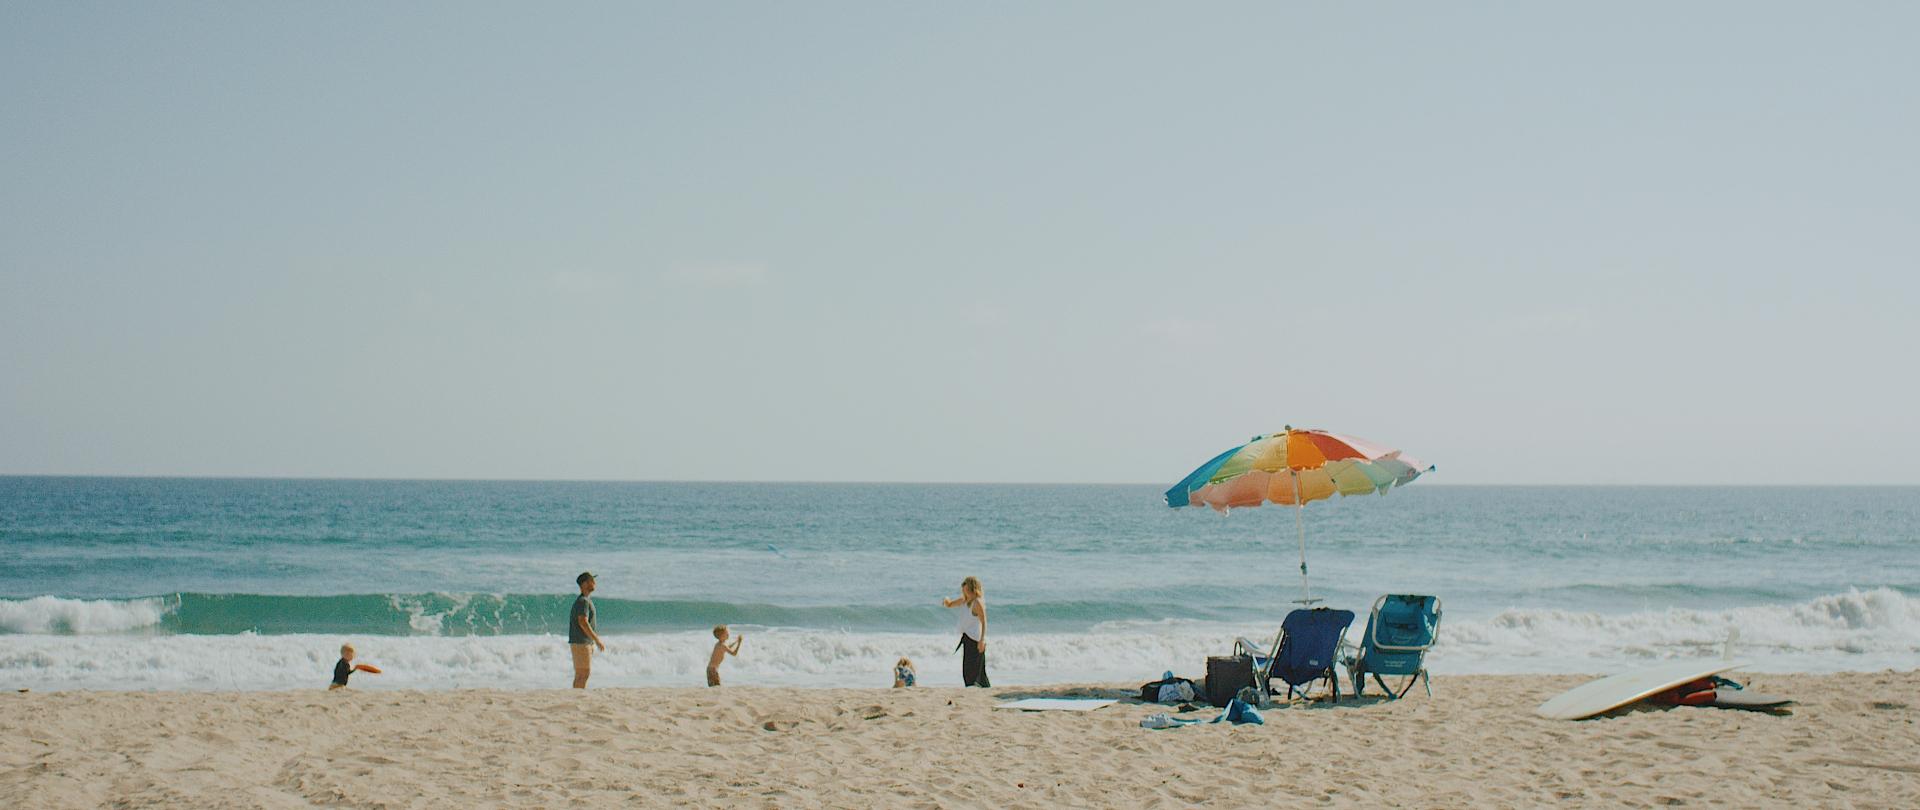 Beach_6.jpg